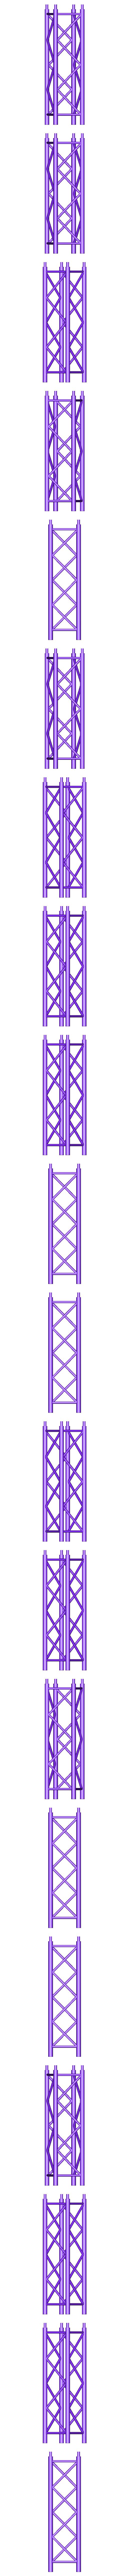 Truss 4 Punkt Traverse GWX817 Sondermaß (x2).stl Download STL file 1:18 Truss 4 Punkt Traverse Messestand ZSB1000 • Template to 3D print, CrossModellbau